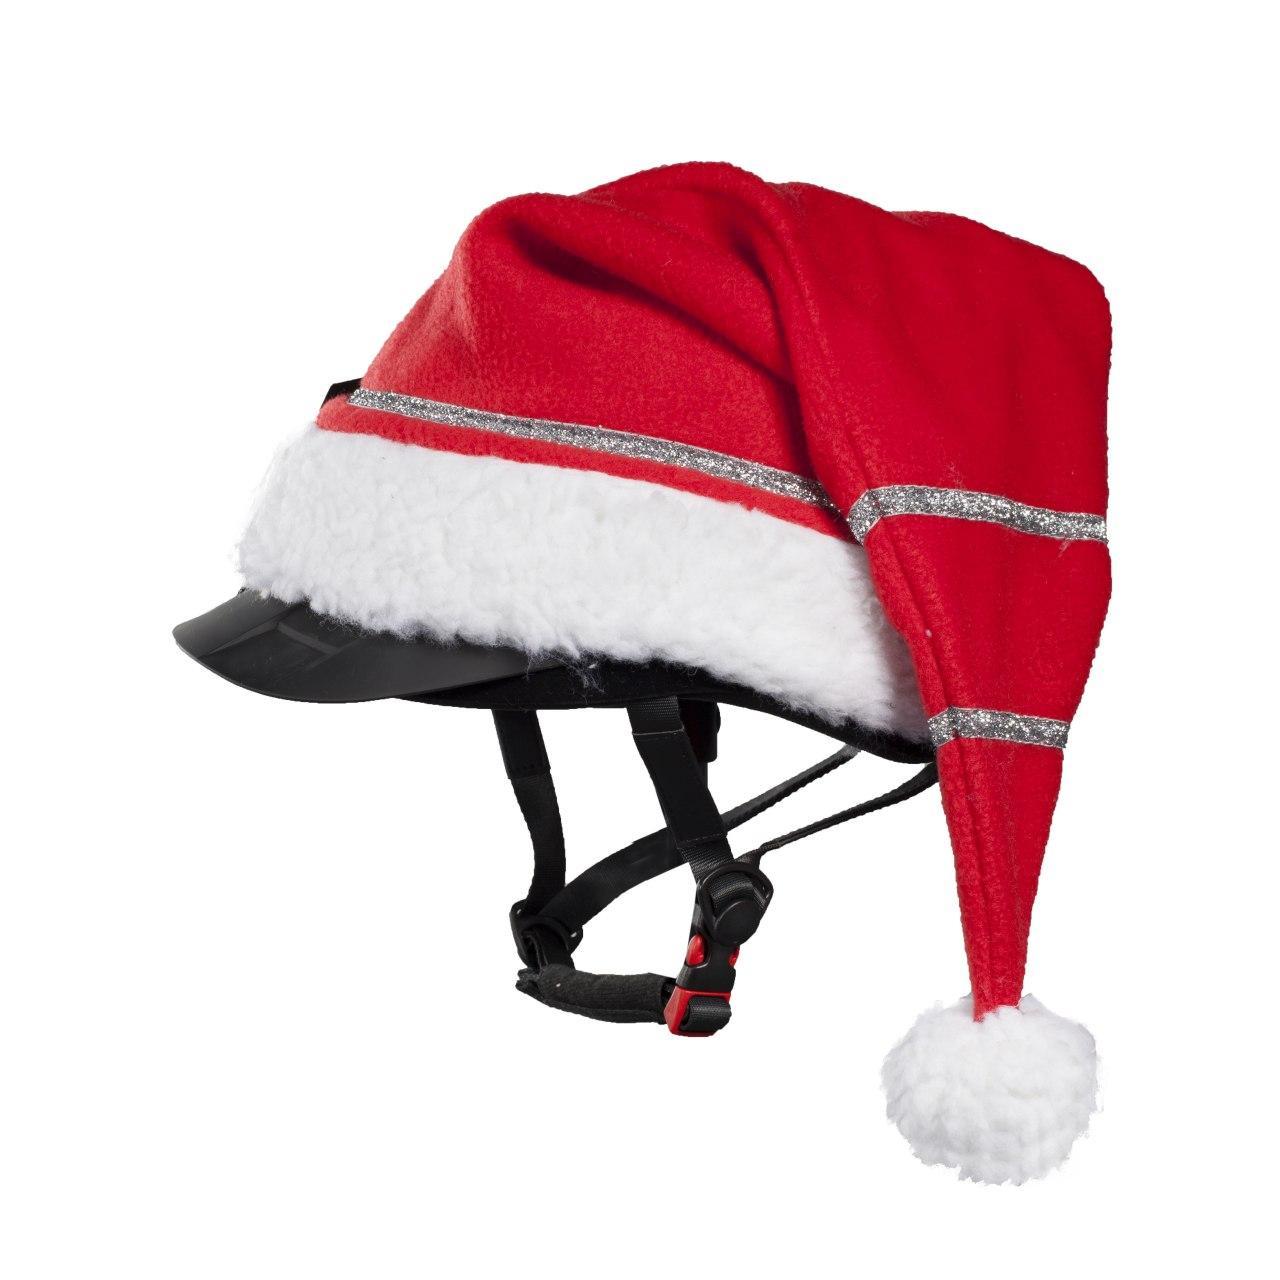 Horze Christmas tonttulakki kypärään